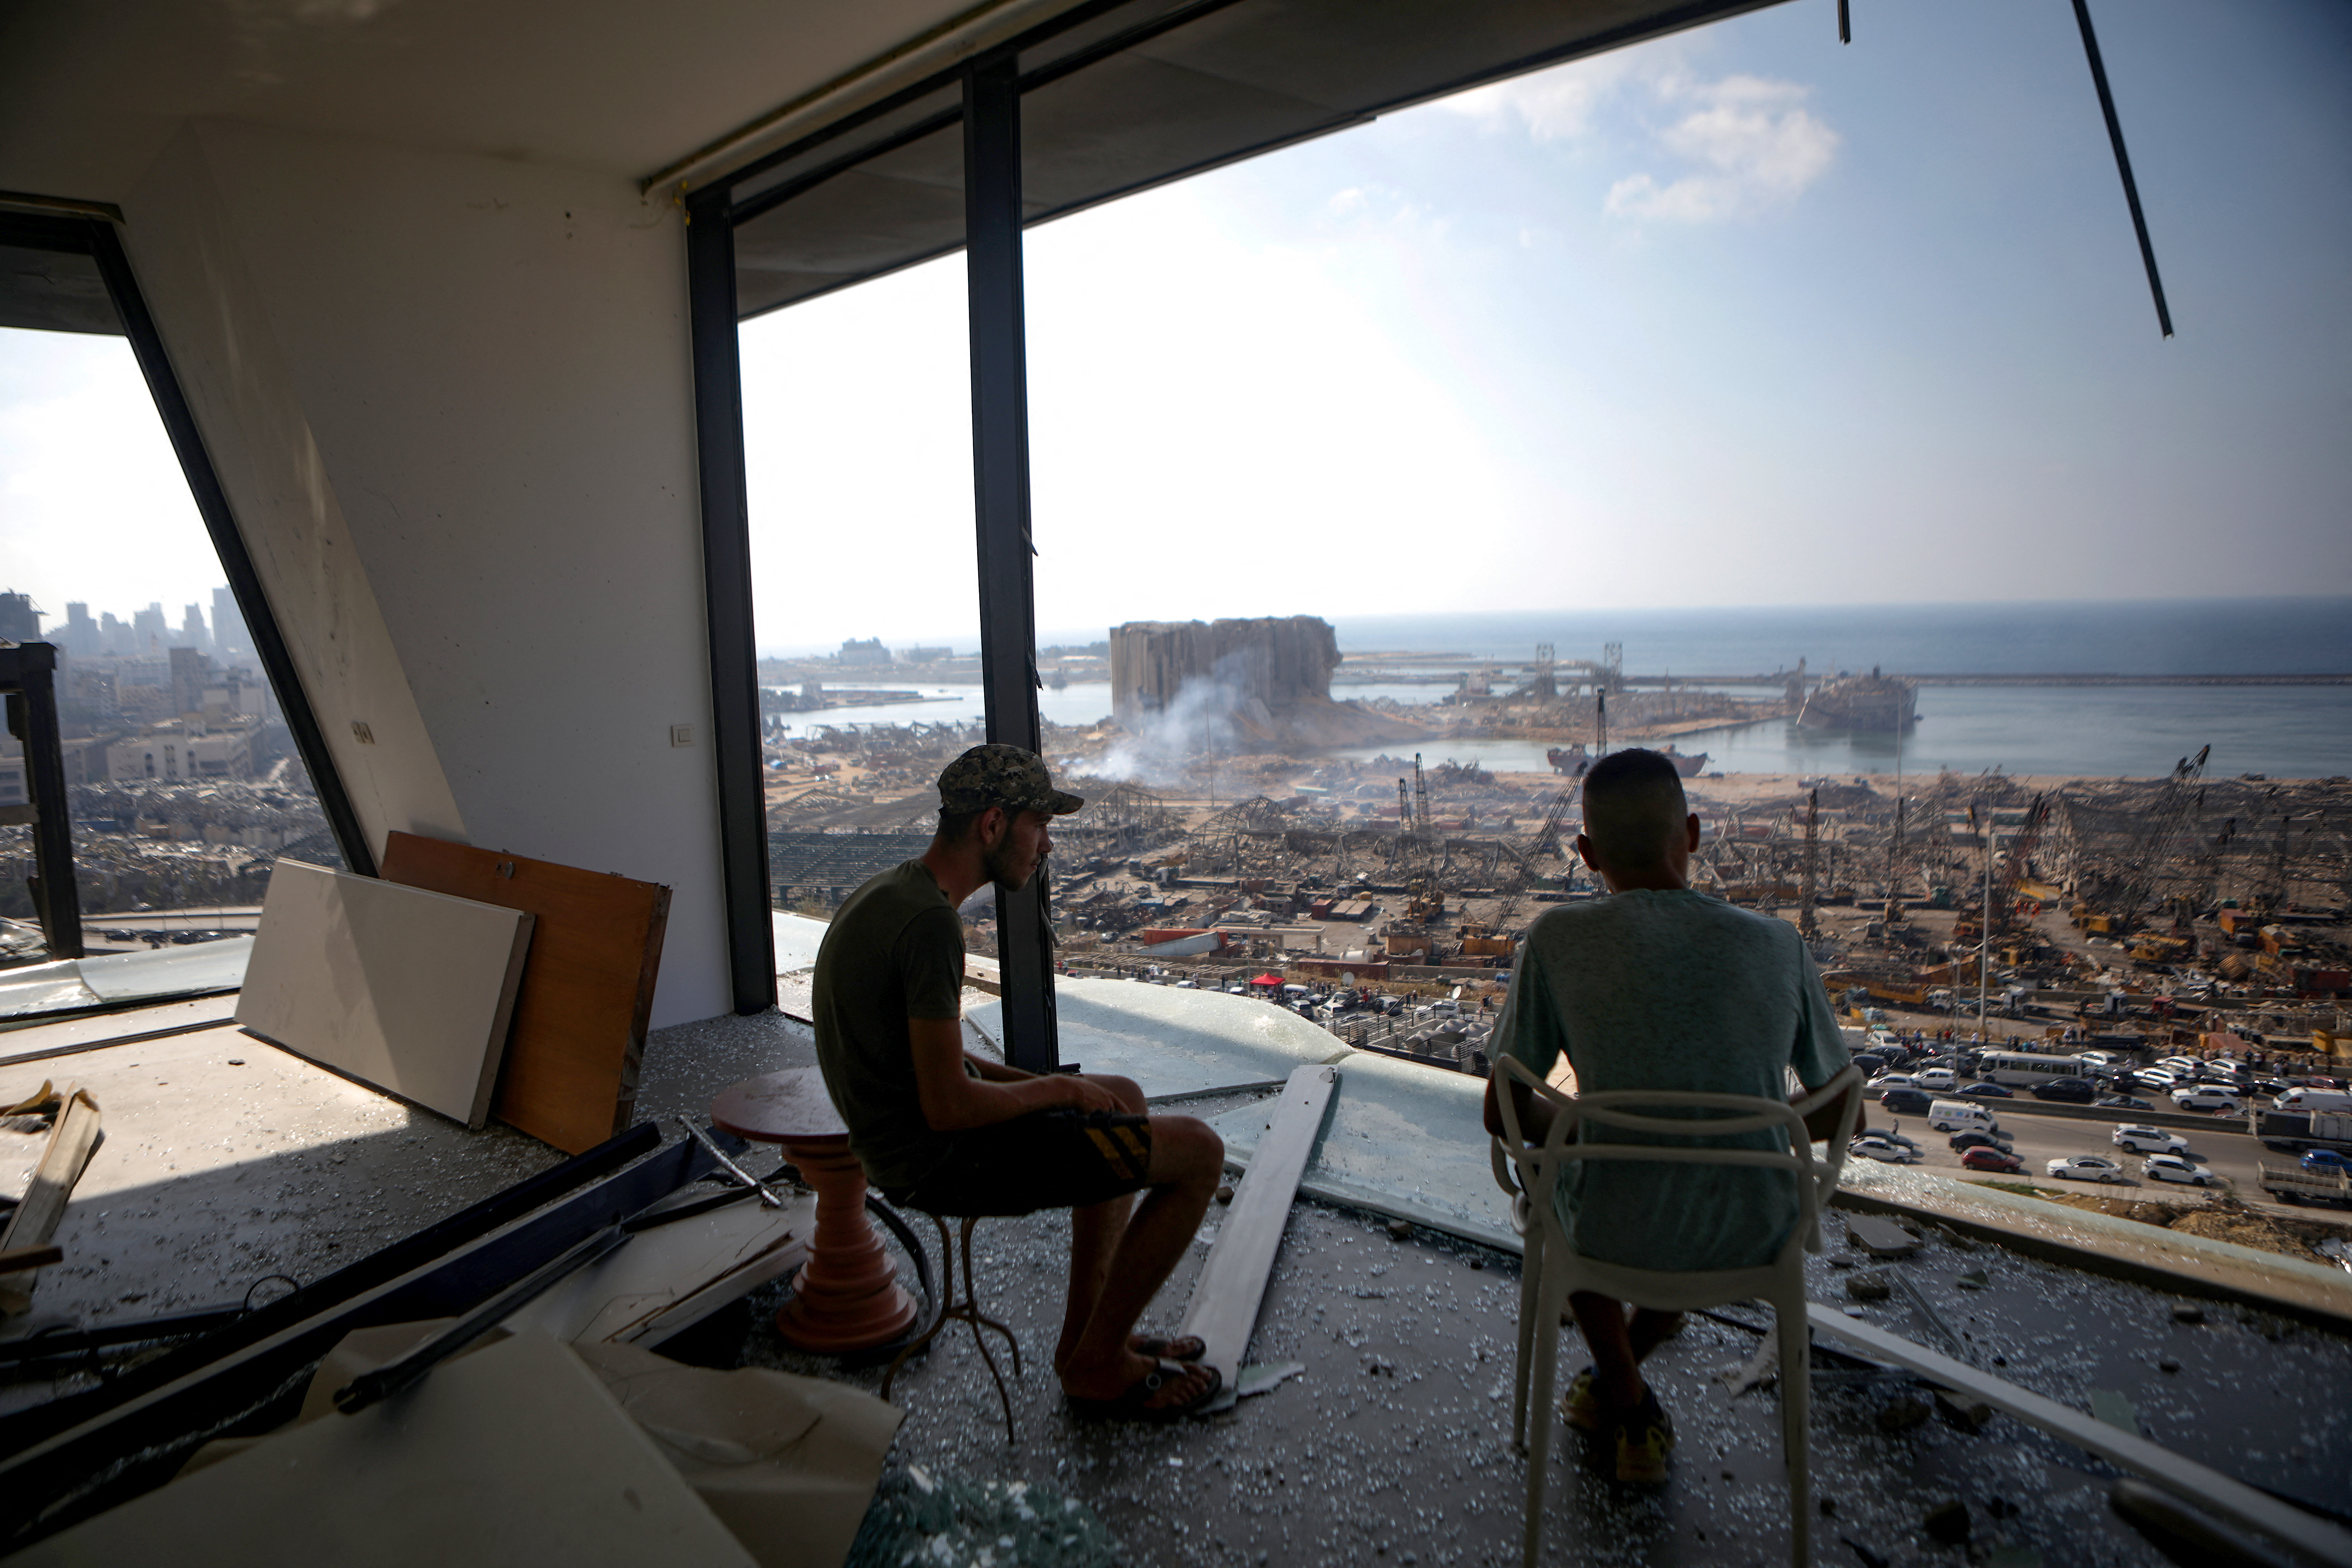 انفجار 4 أغسطس أدى إلى مقتل أكثر من مئتي شخص